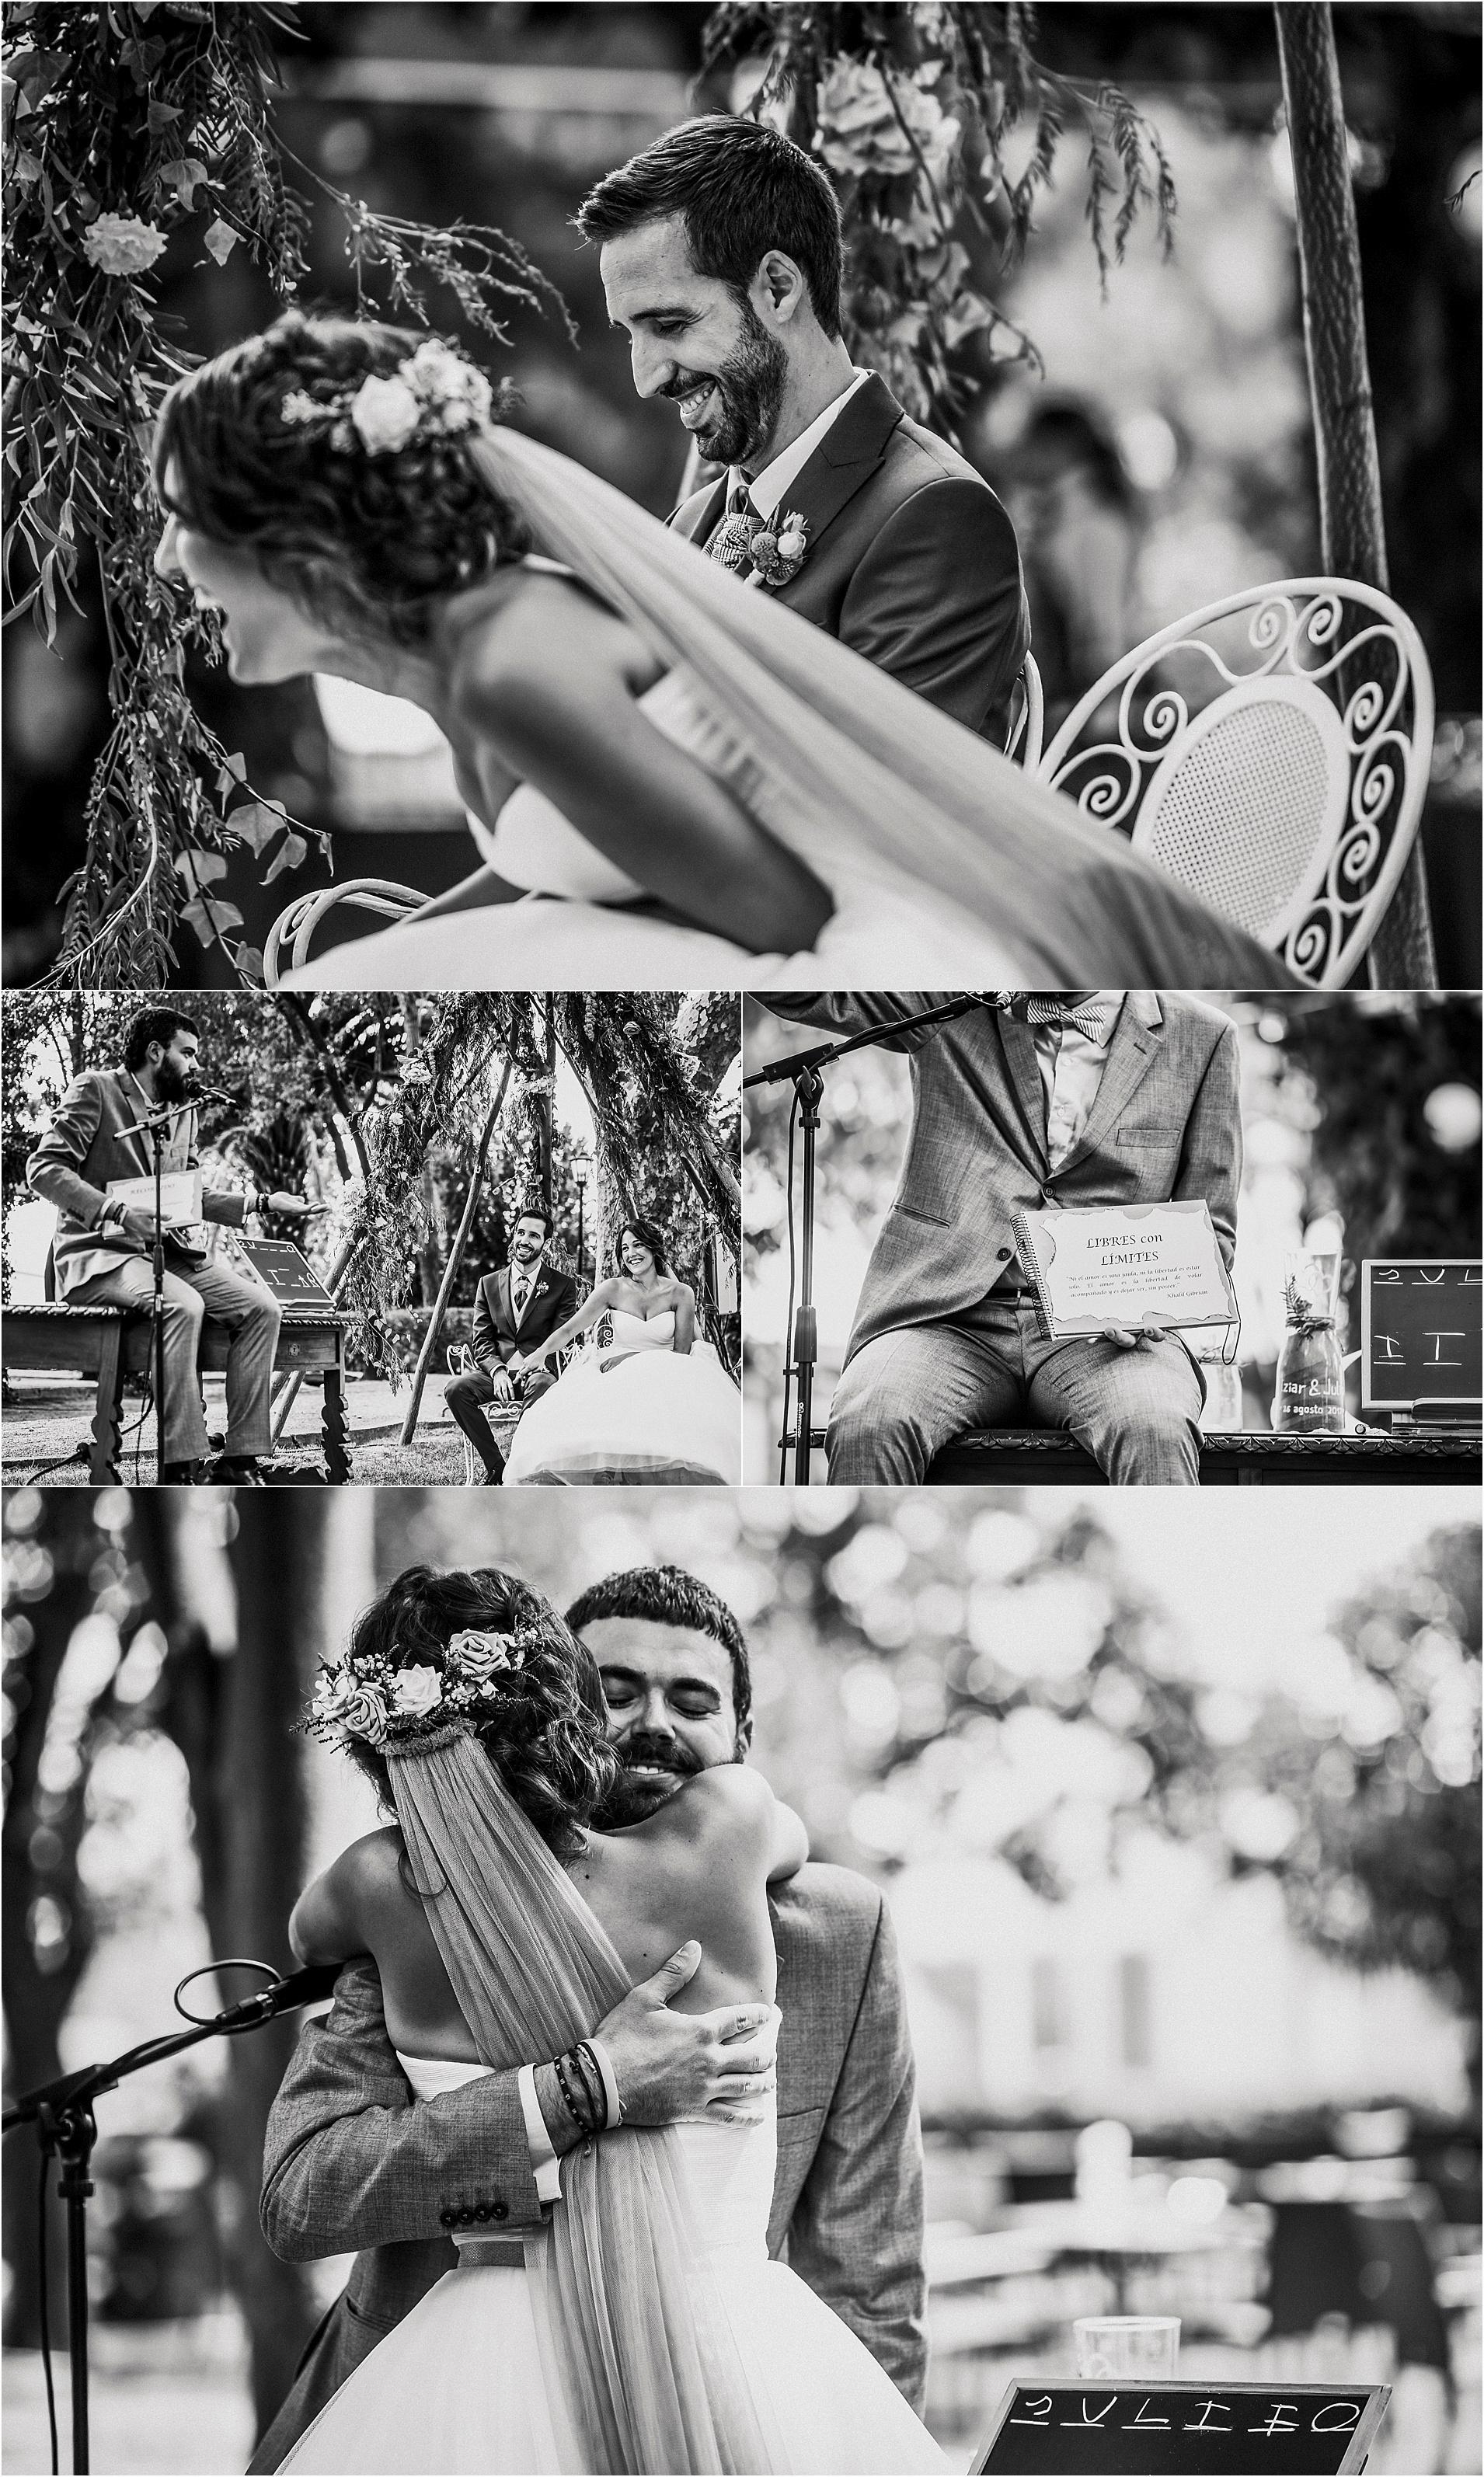 Fotografos-de-boda-donostia-zaragoza-san-sebastian-destination-wedding-photographer-56.jpg